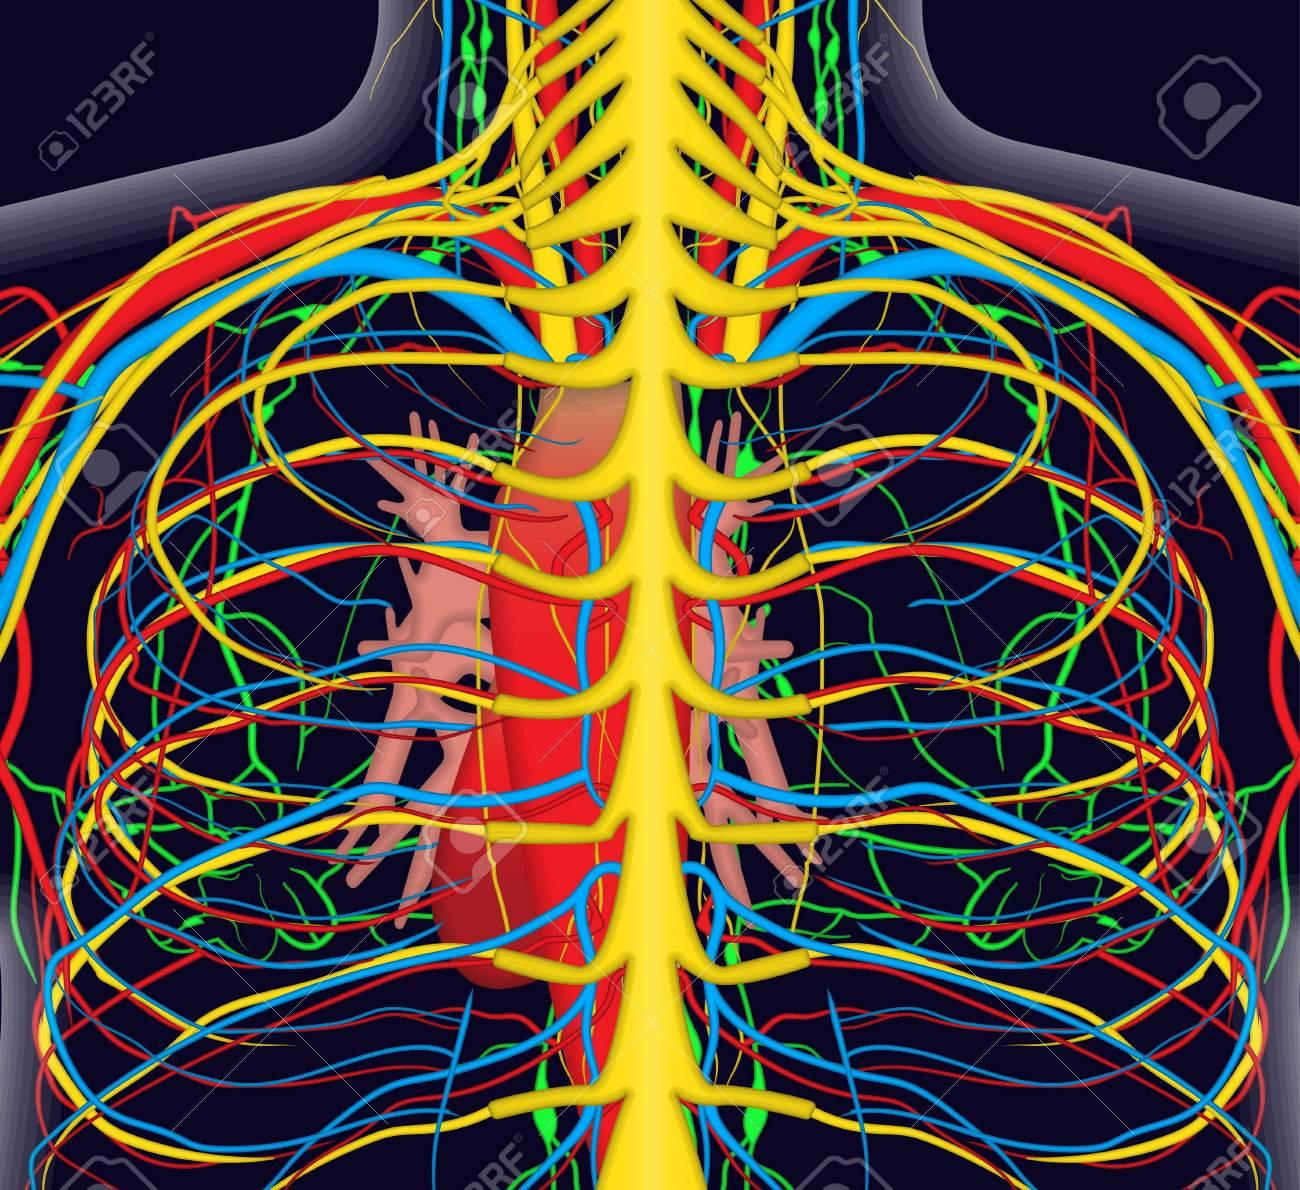 Medizinisch Genaue Anatomie Illustration Der Menschlichen Rücken ...